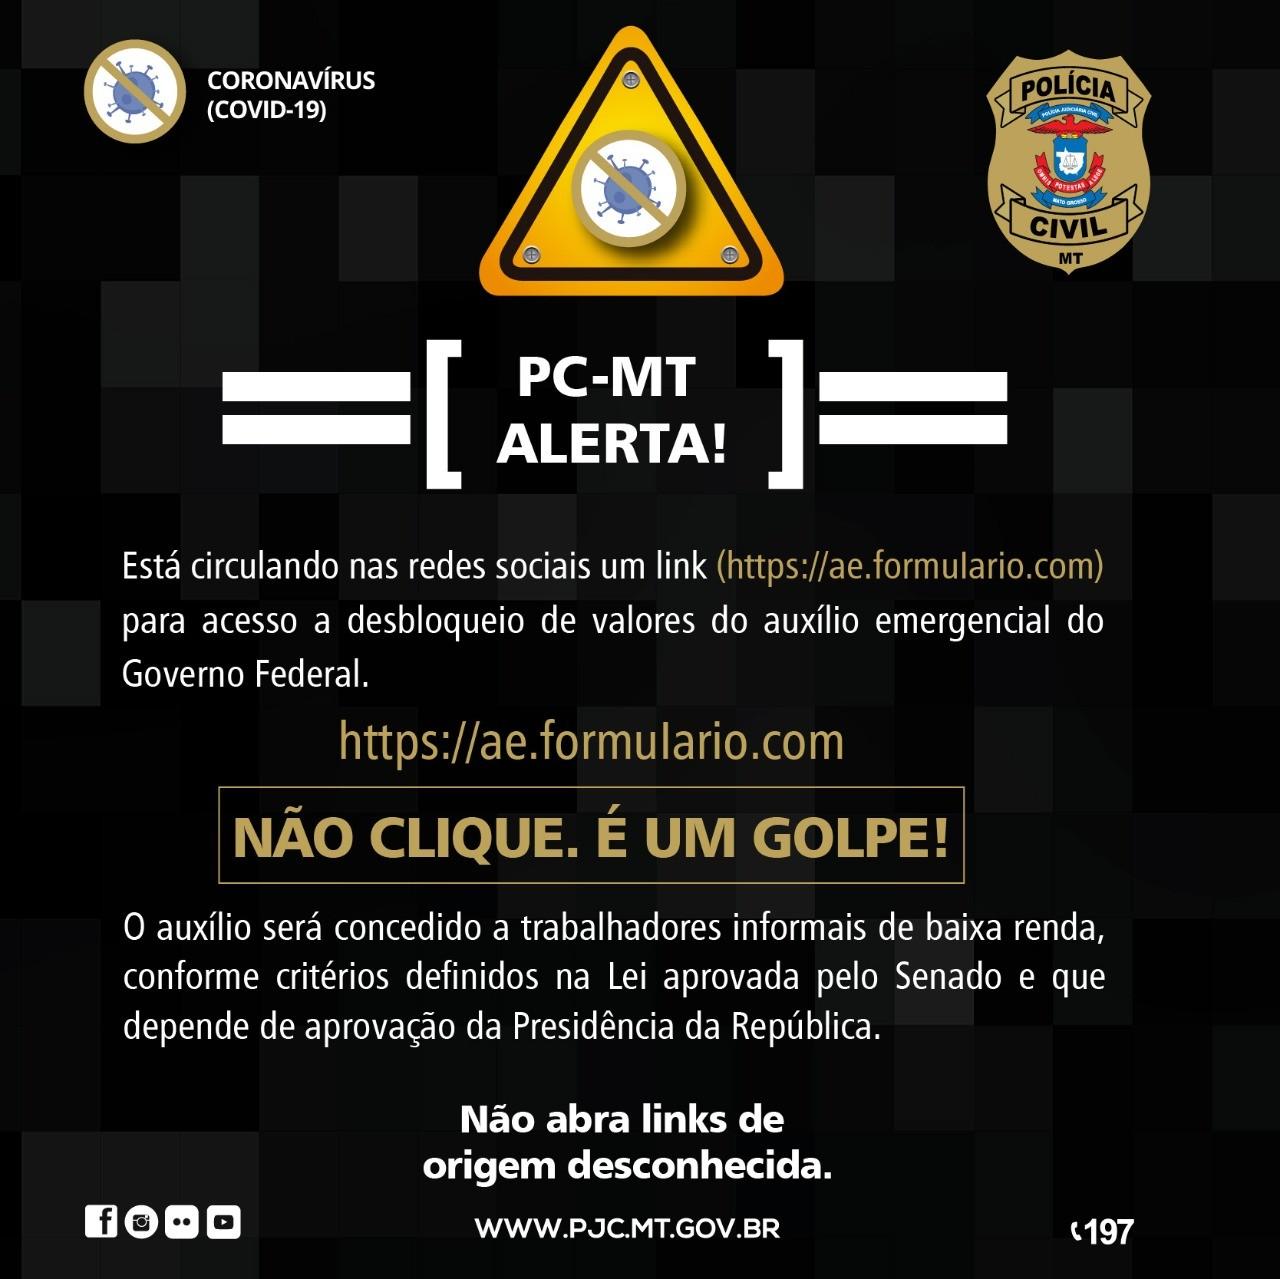 Polícia de MT alerta sobre mensagens com link falso para cadastro e liberação de valores de auxílio emergencial